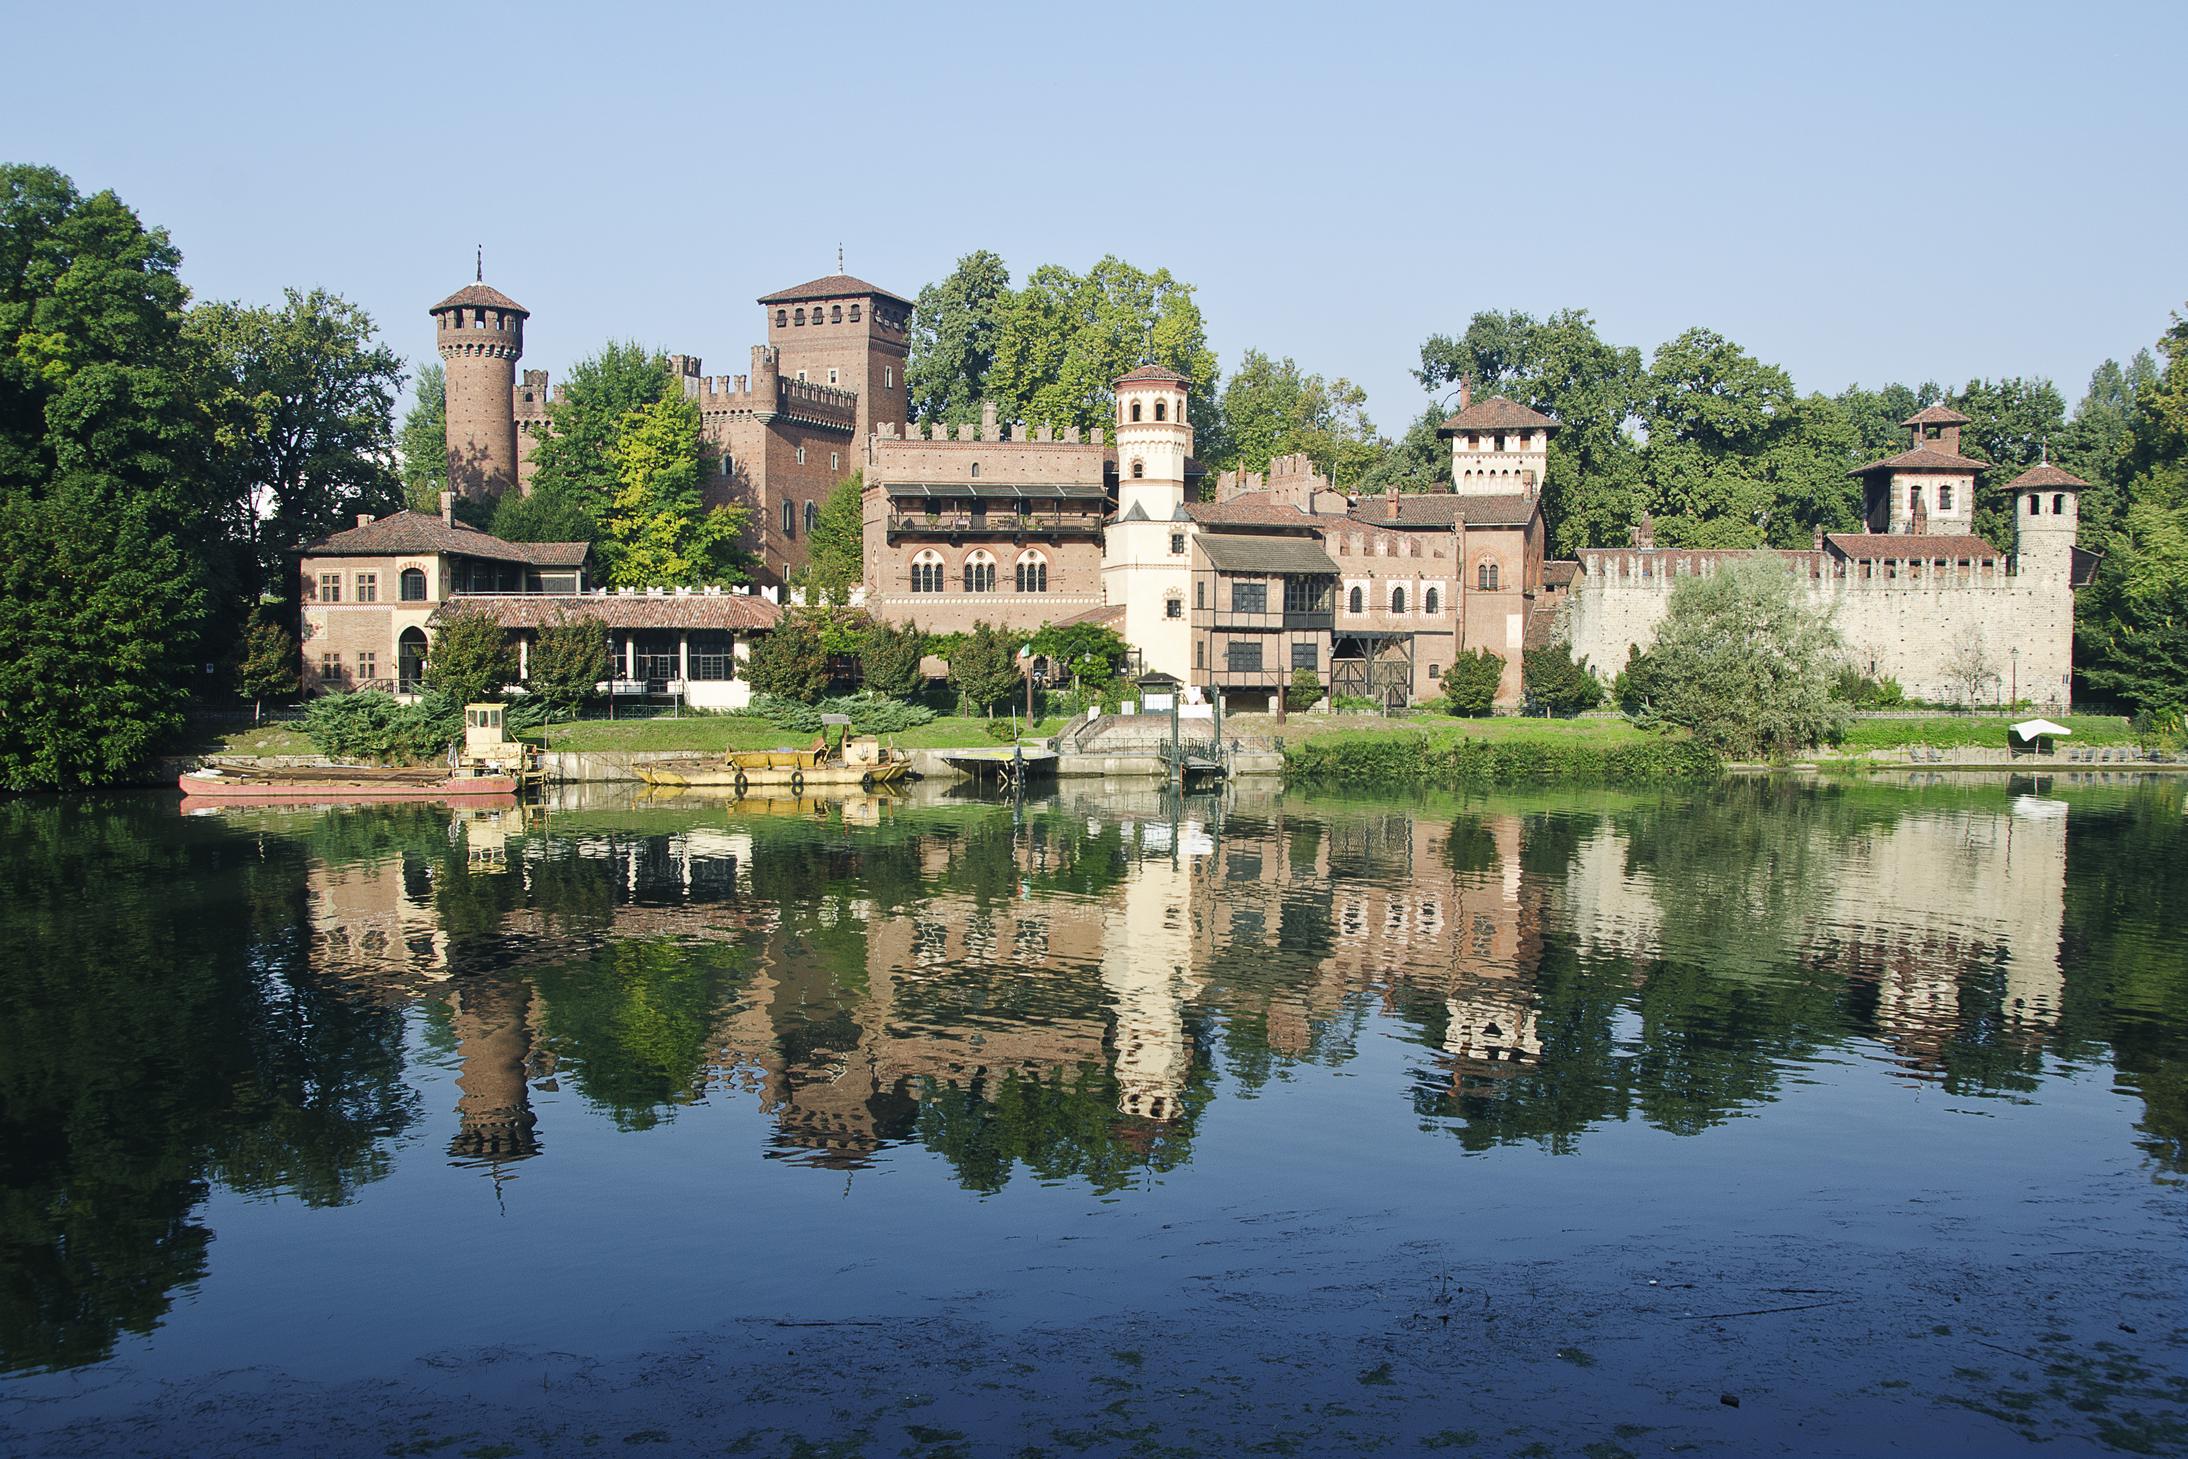 Borgo con la Rocca padiglione dell'Esposizione Generale Italiana che si svolse a Torino dall'aprile al novembre del 1884, nel Parco del Valentino, Torino